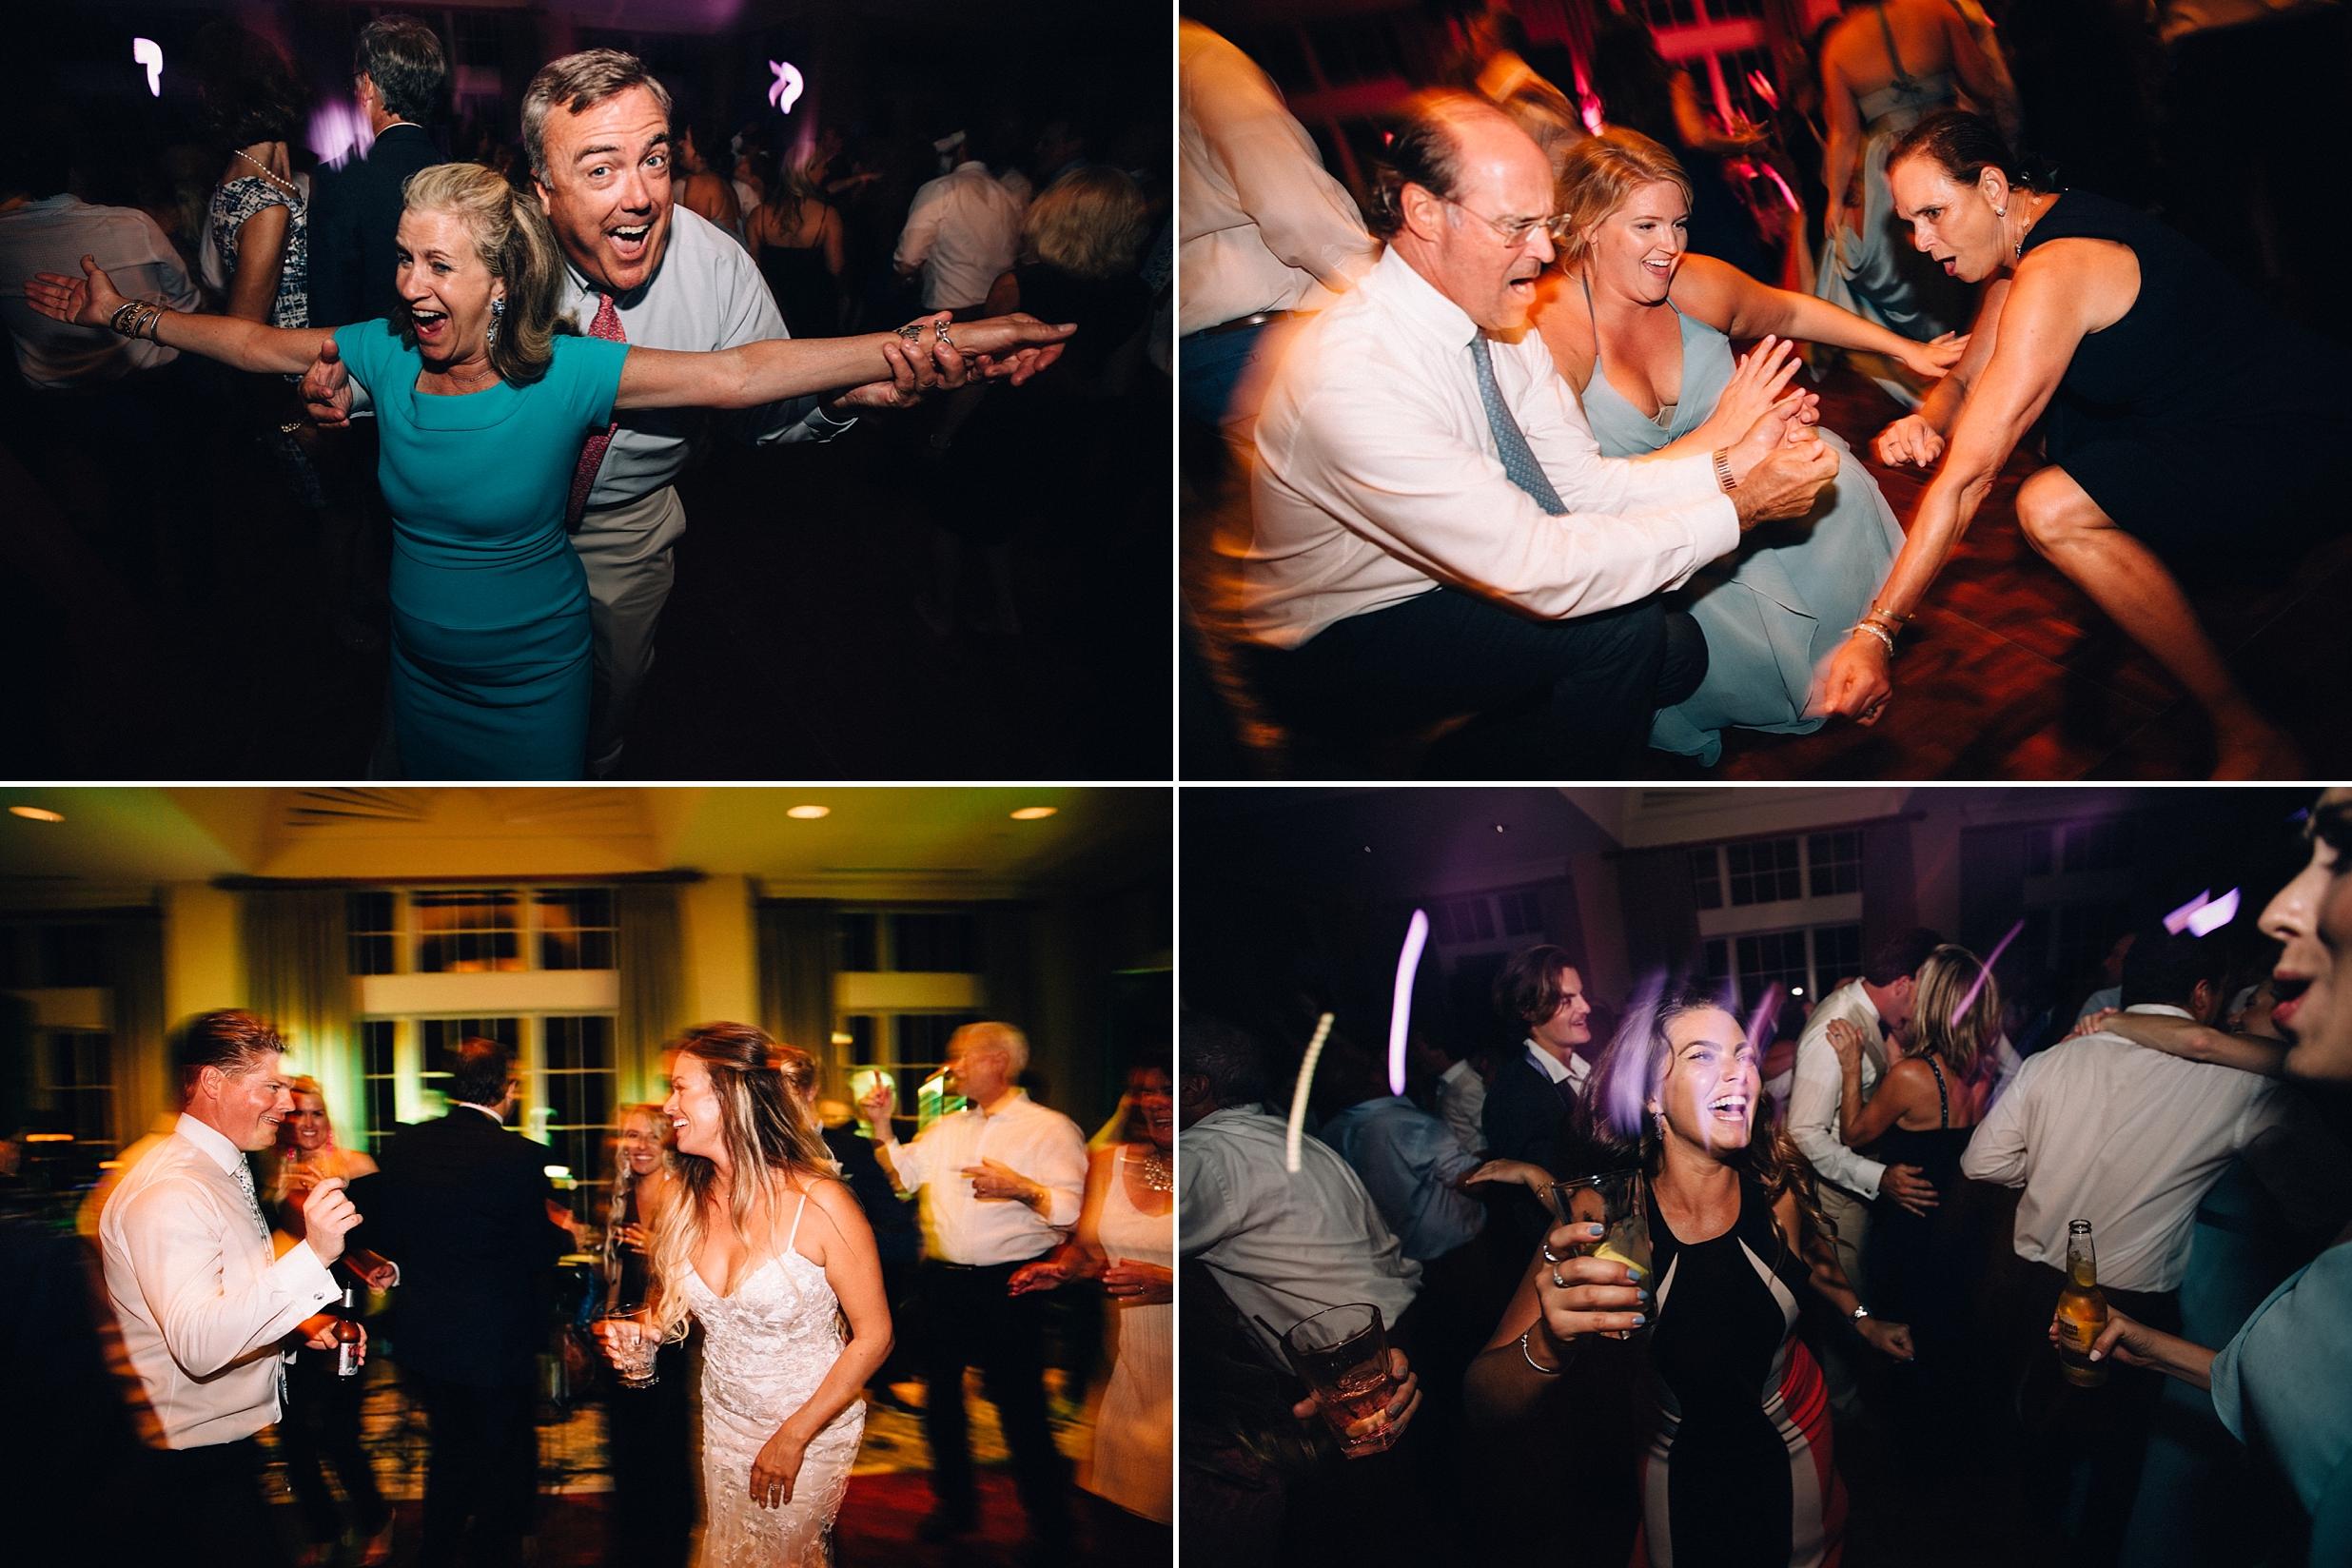 jersey-outdoor-ceremony-wedding-navasink-monmouth-rumson_0074.jpg